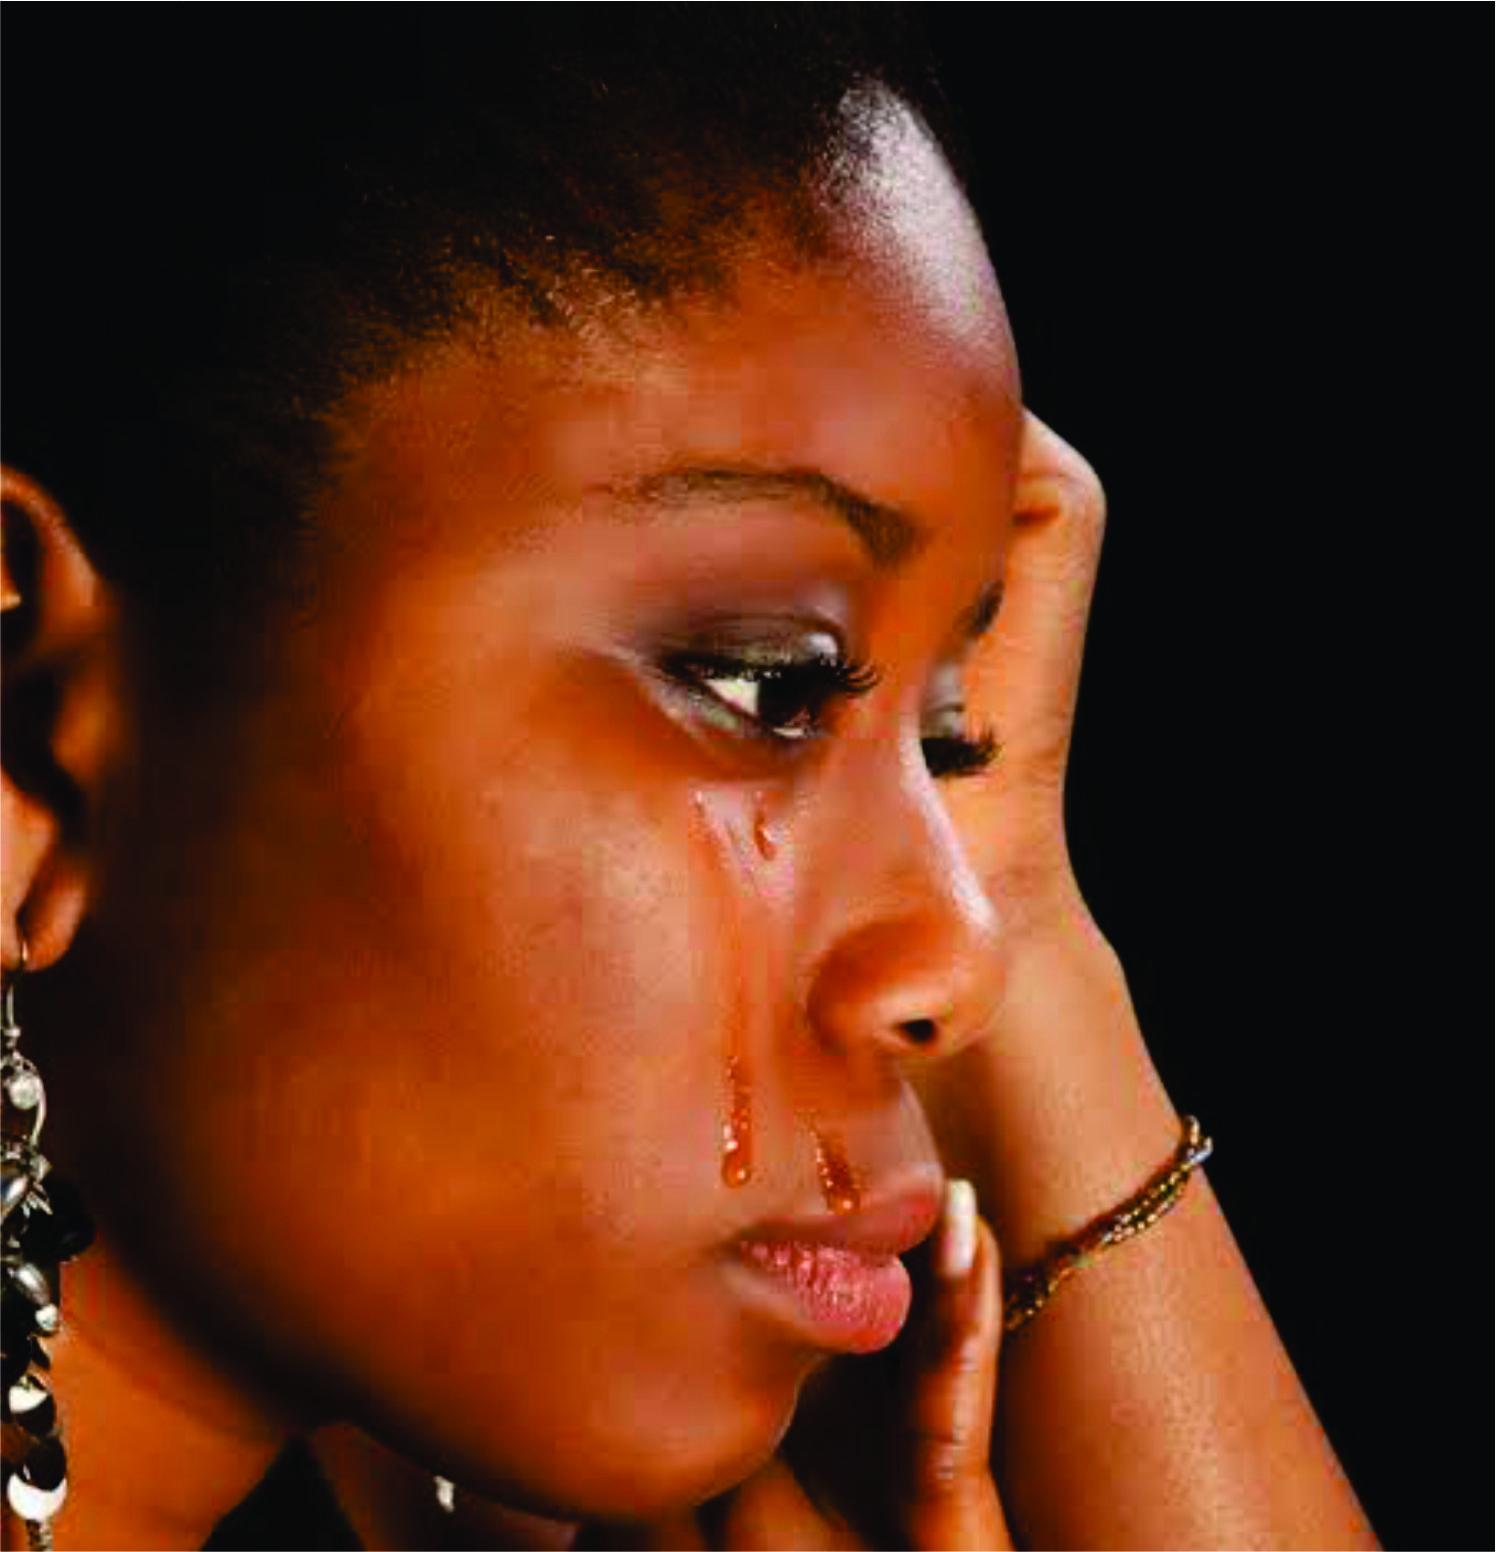 EMOTIONAL TRAUMA: WHY MAN  REJECTED HIS BRIDE ON A WEDDING NIGHT